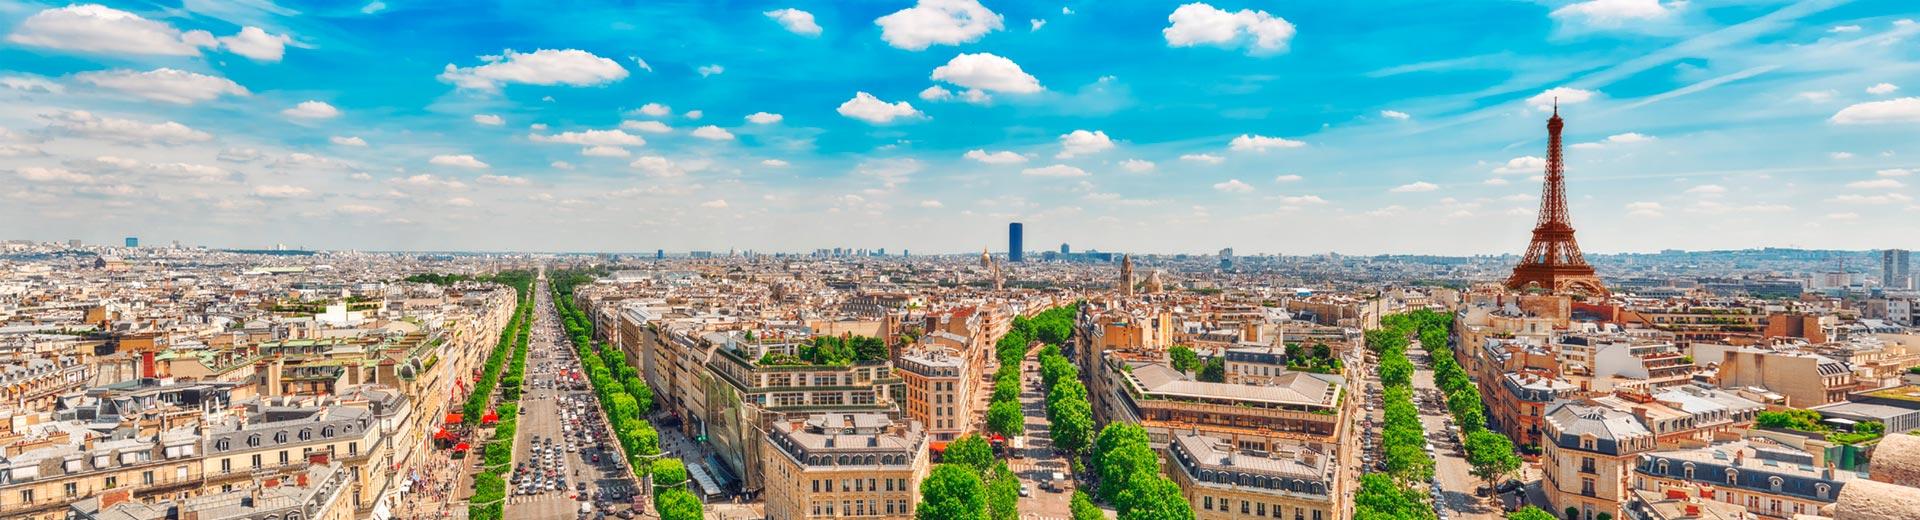 50 ans de passion pour la France